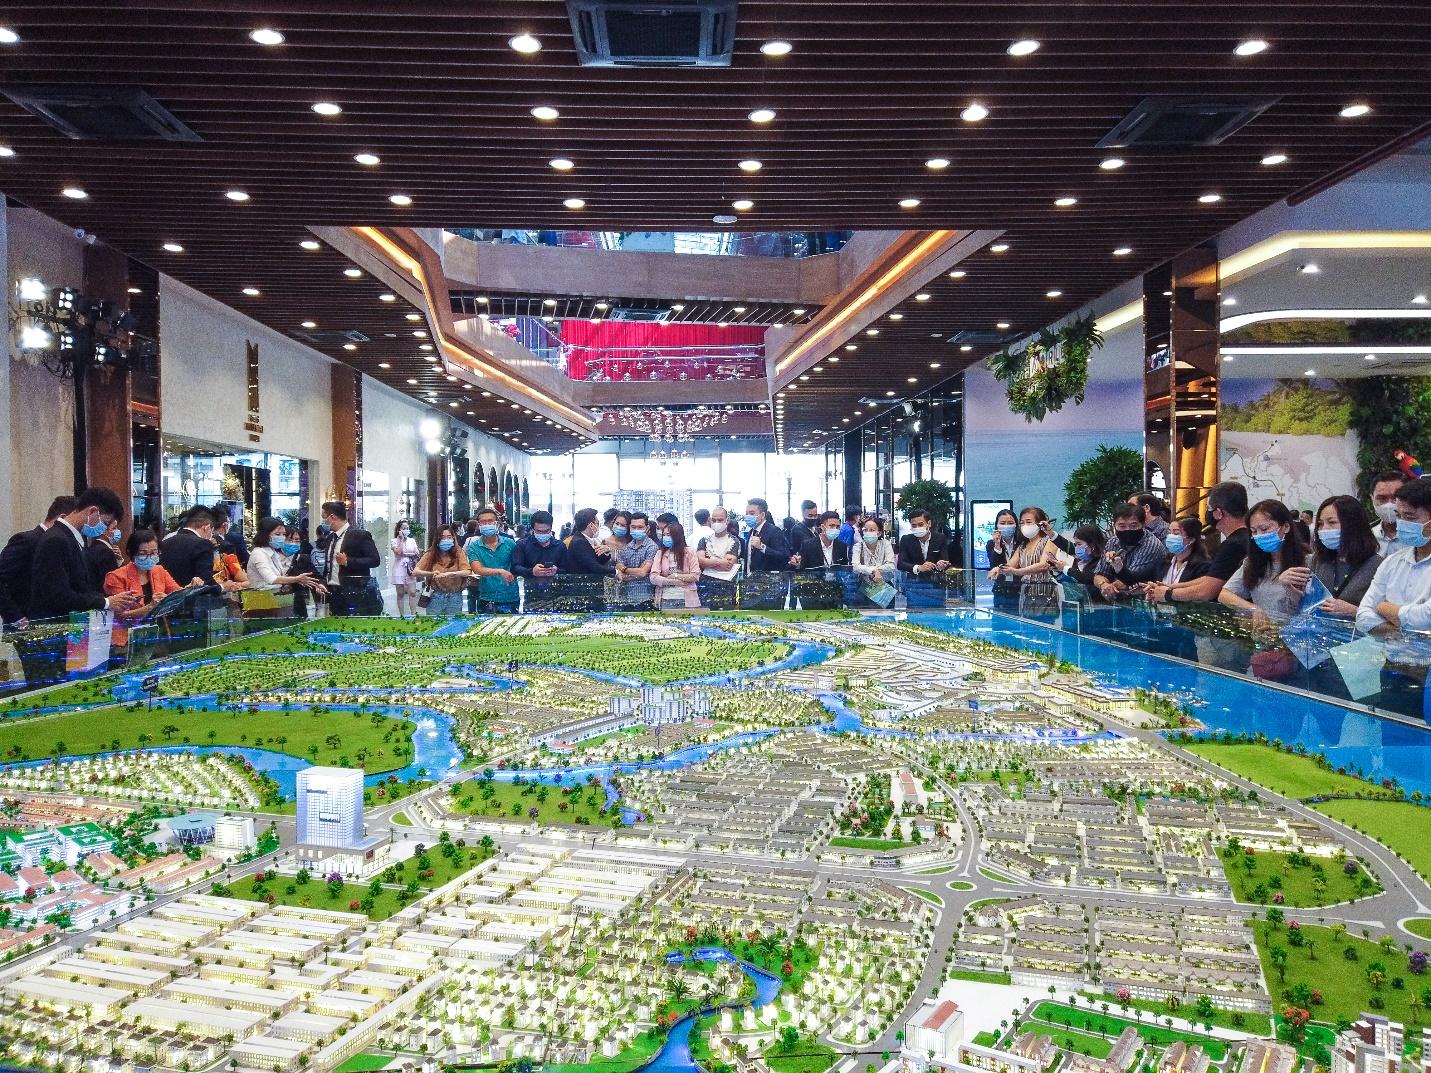 Khách hàng tìm hiểu cơ hội đầu tư tại khu đô thị sinh thái thông minh Aqua City (ảnh chụp trước thời điểm giãn cách xã hội). Ảnh: Novaland